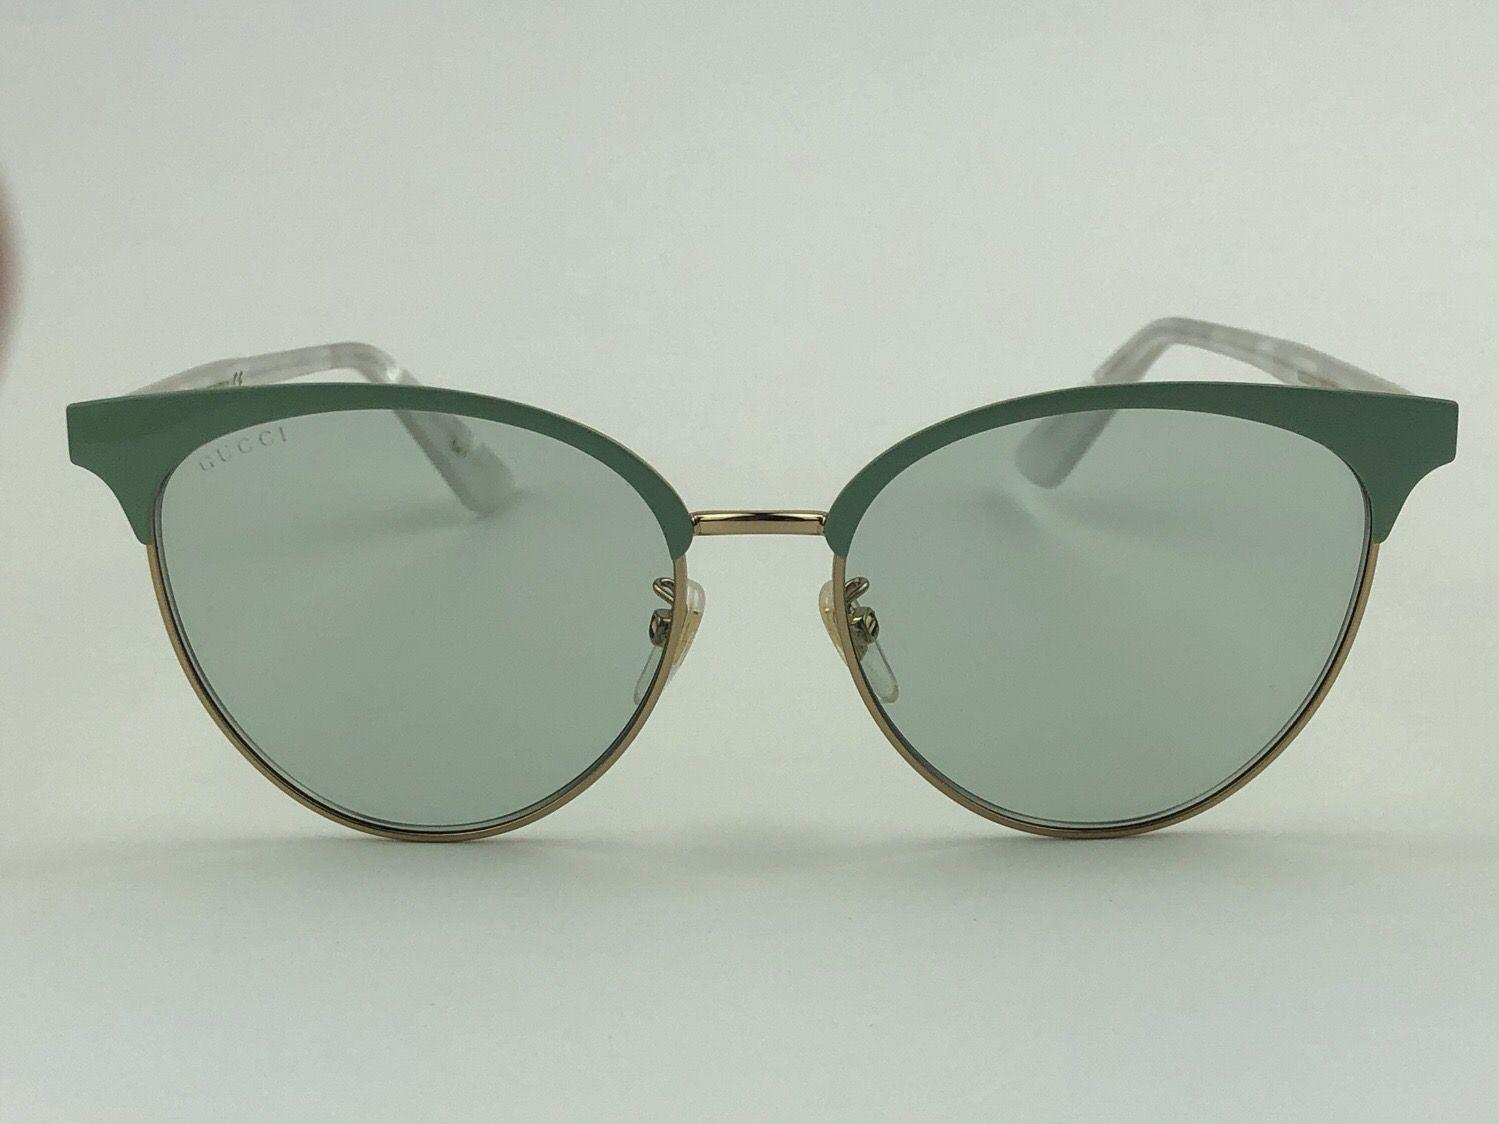 9c0d0e084089c Óculos de sol Gucci GG0245 003 55